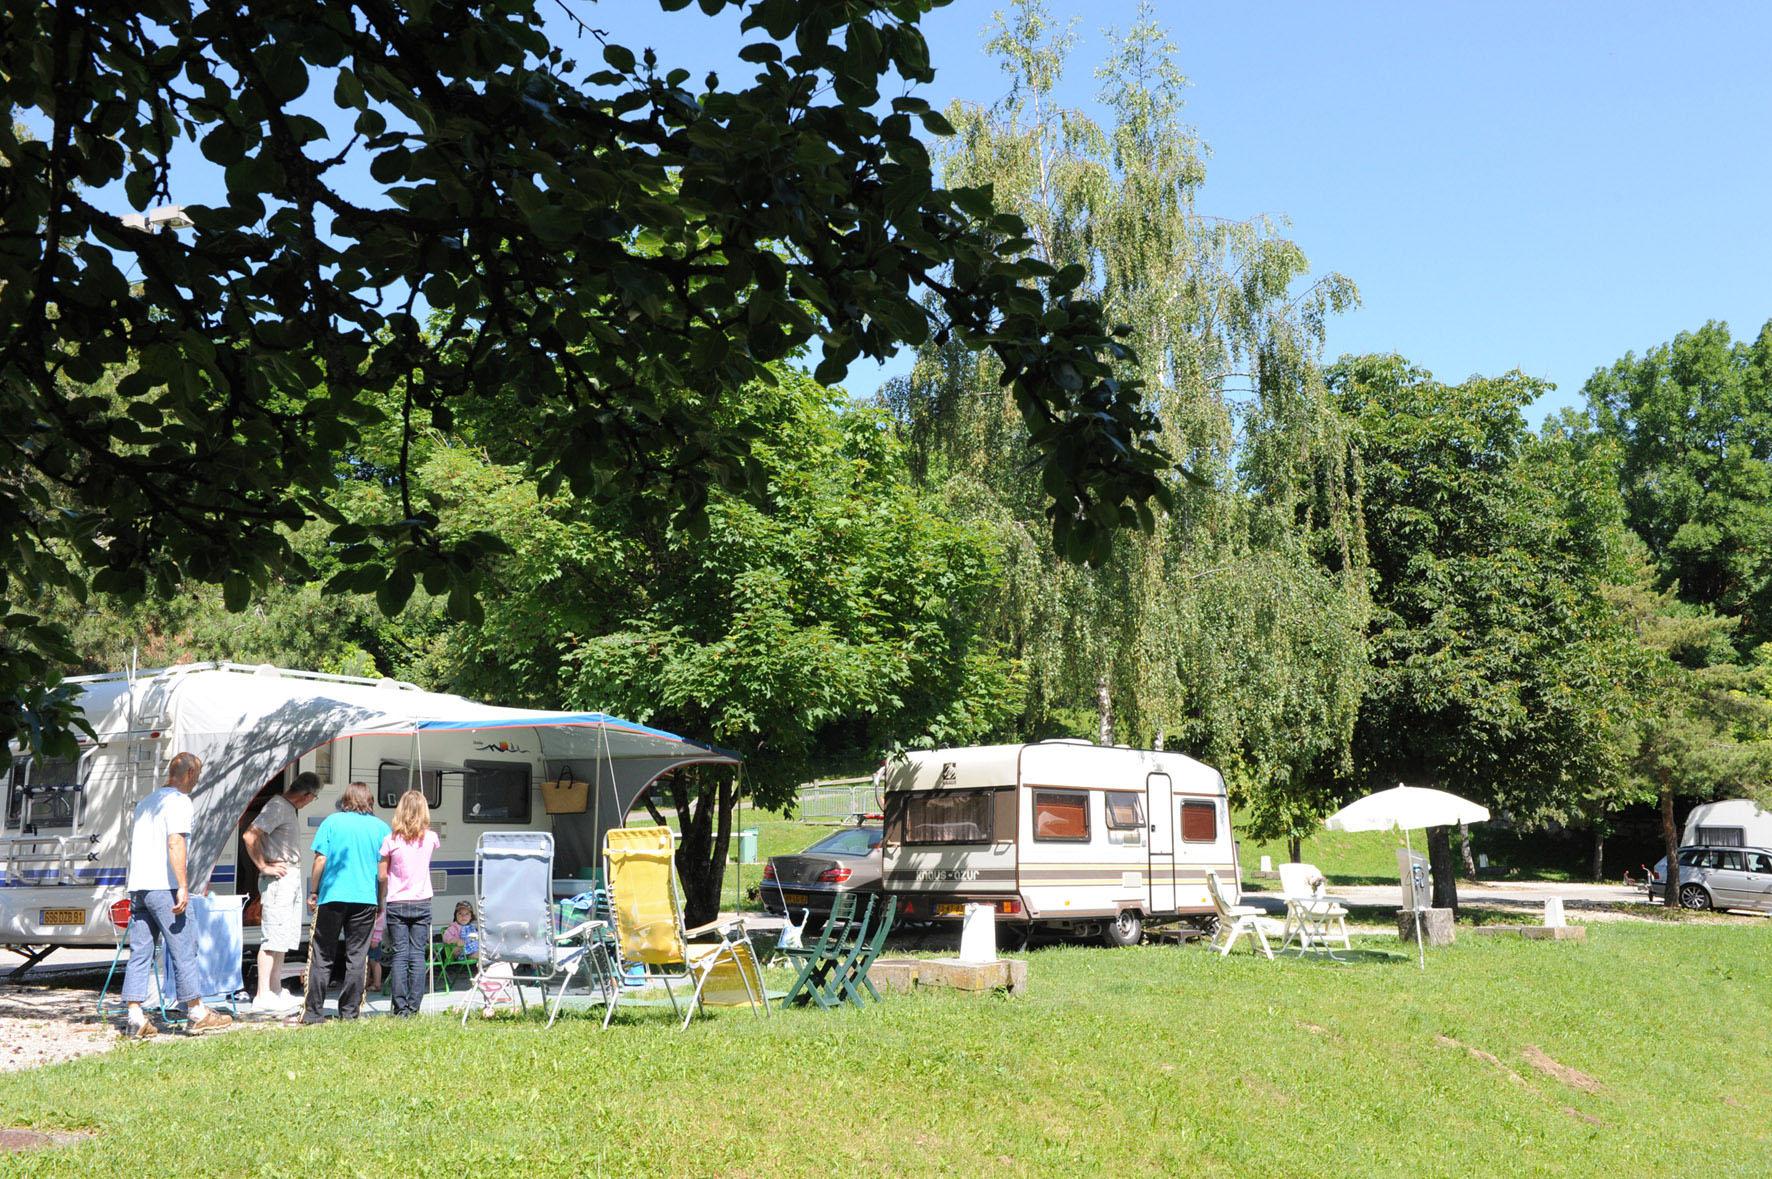 les emplacements caravanes et camping cars le belv d re camping municipal d 39 annecy. Black Bedroom Furniture Sets. Home Design Ideas